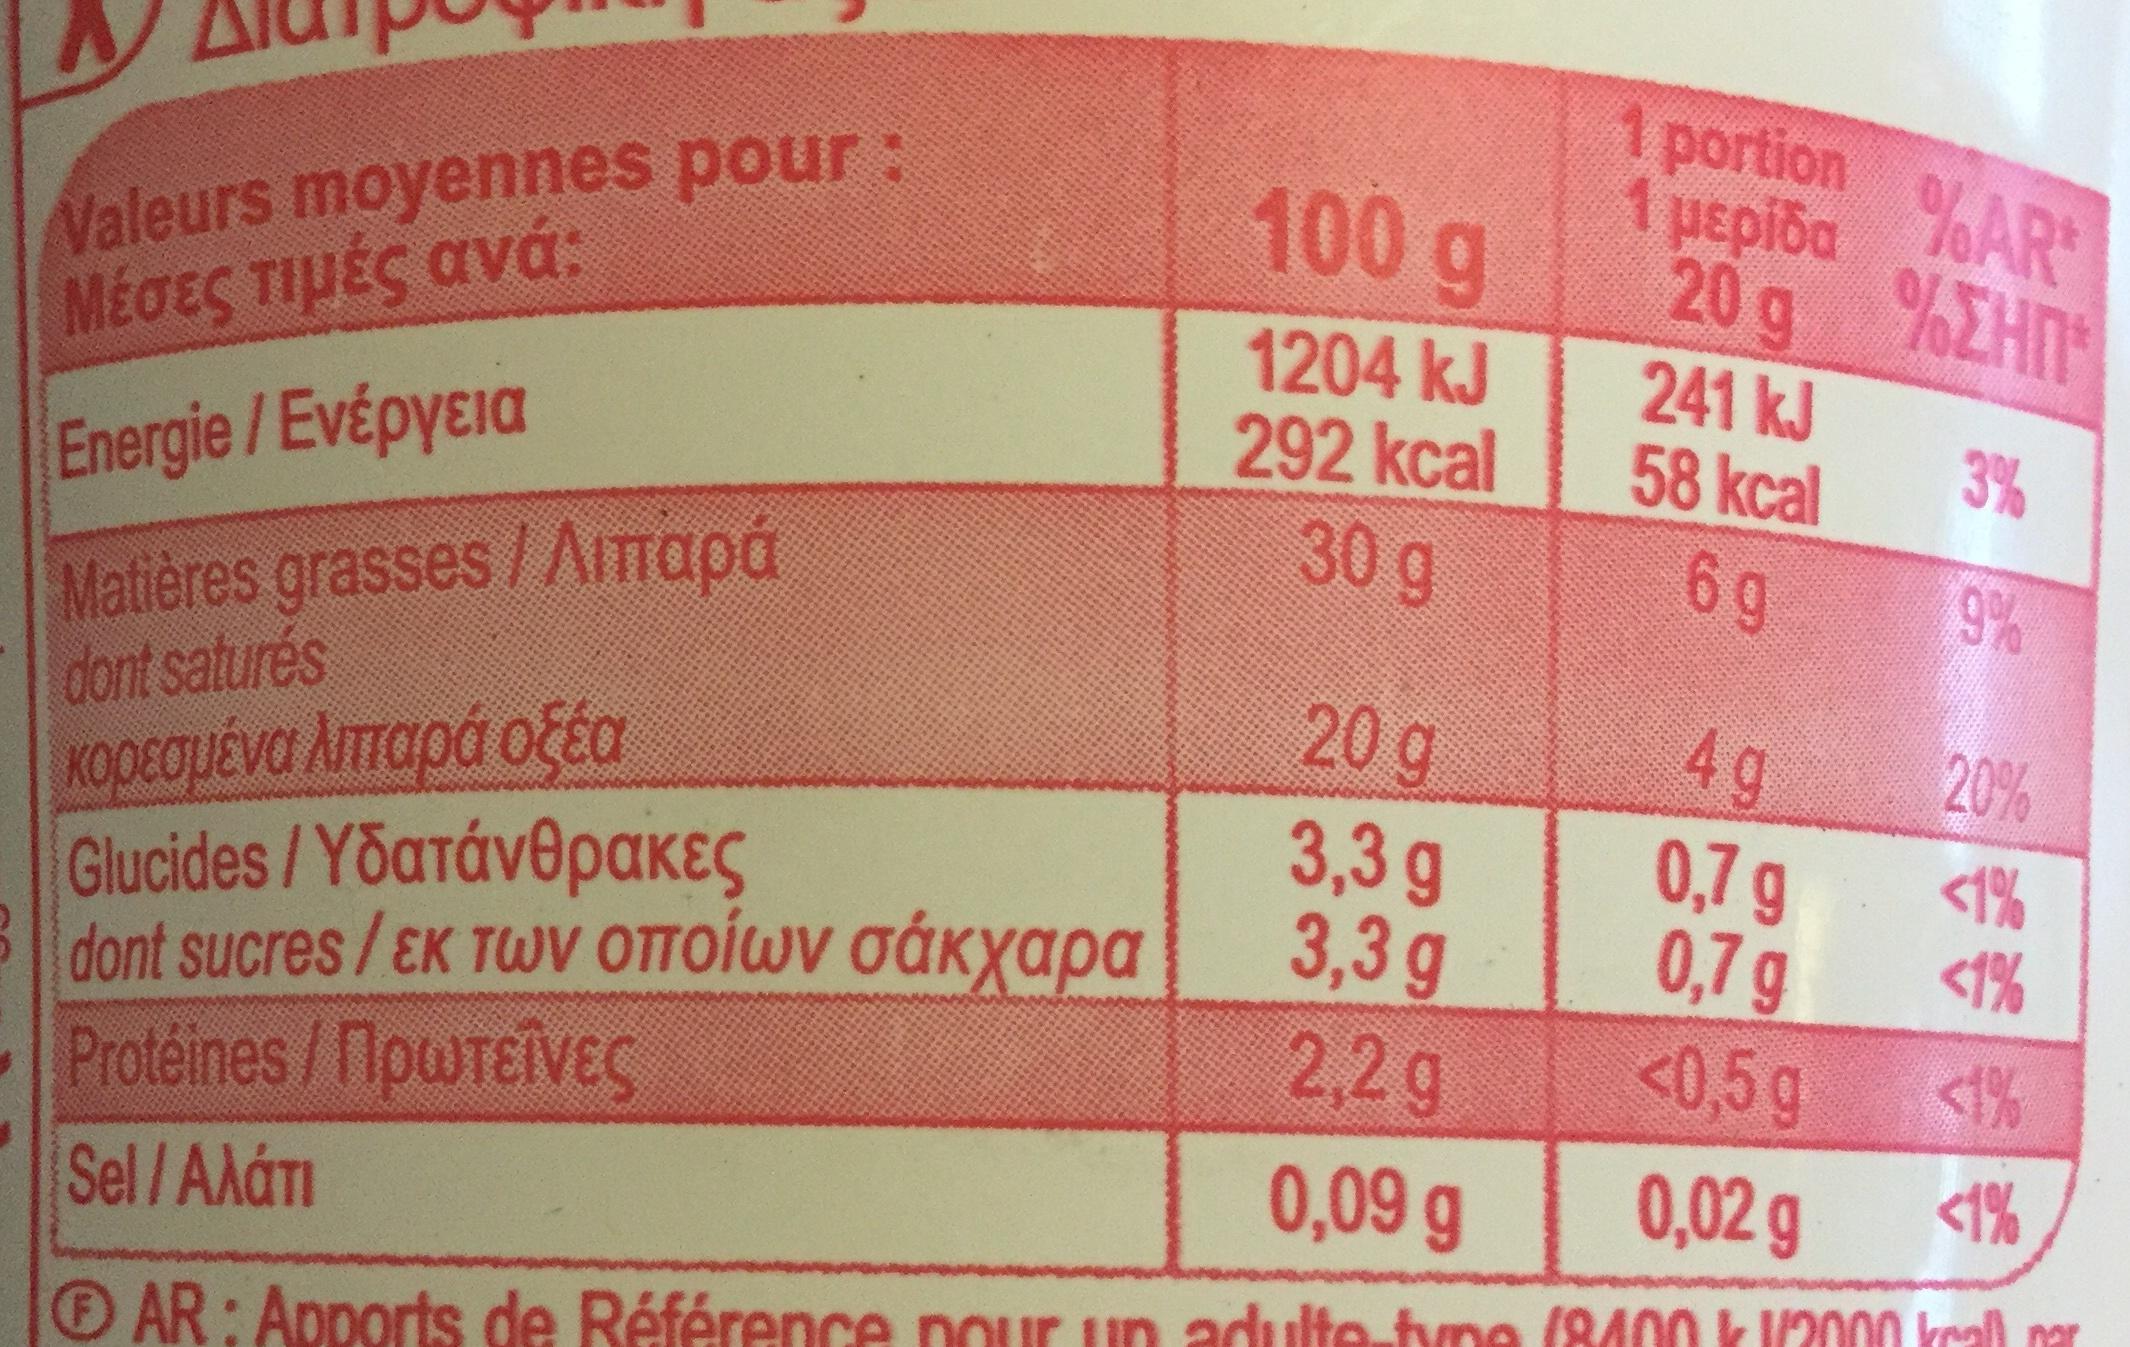 Crème fraiche épaisse - Valori nutrizionali - fr